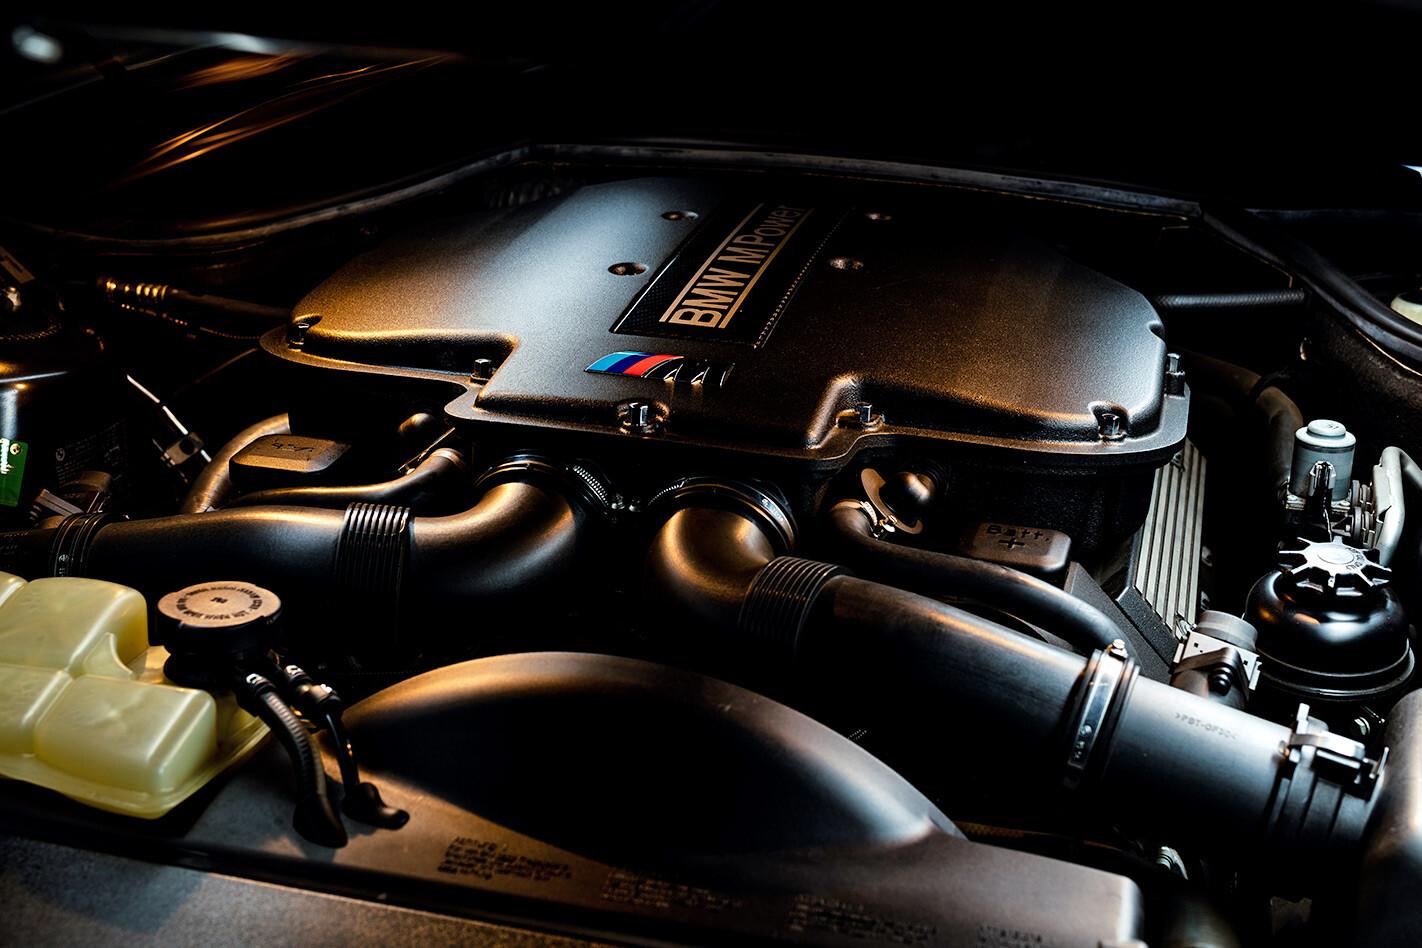 BMW Z8 engine bay